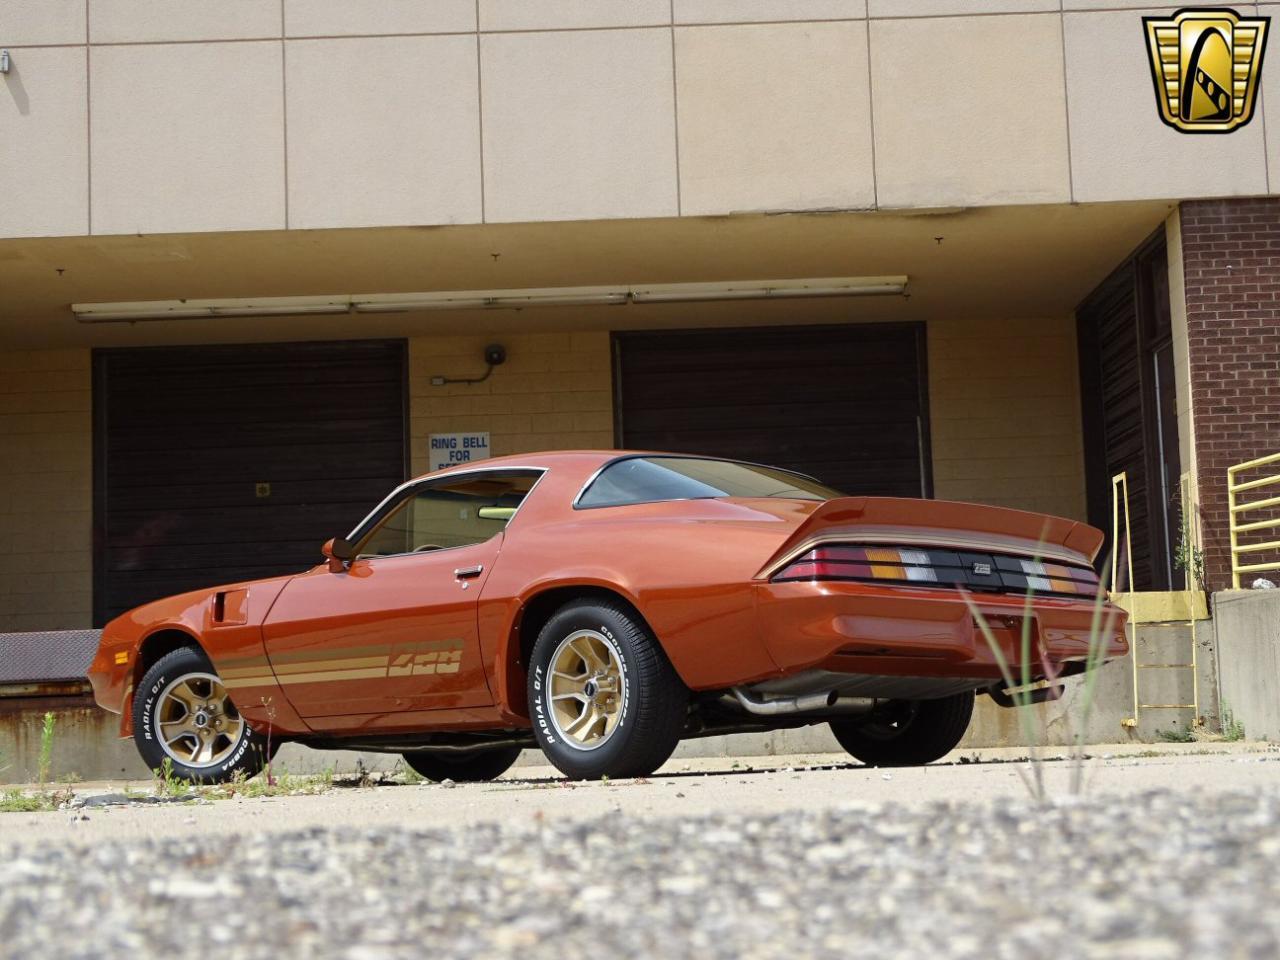 1980 chevrolet camaro z28 5000 miles bronze coupe 350 cid v8 4 speed manual. Black Bedroom Furniture Sets. Home Design Ideas